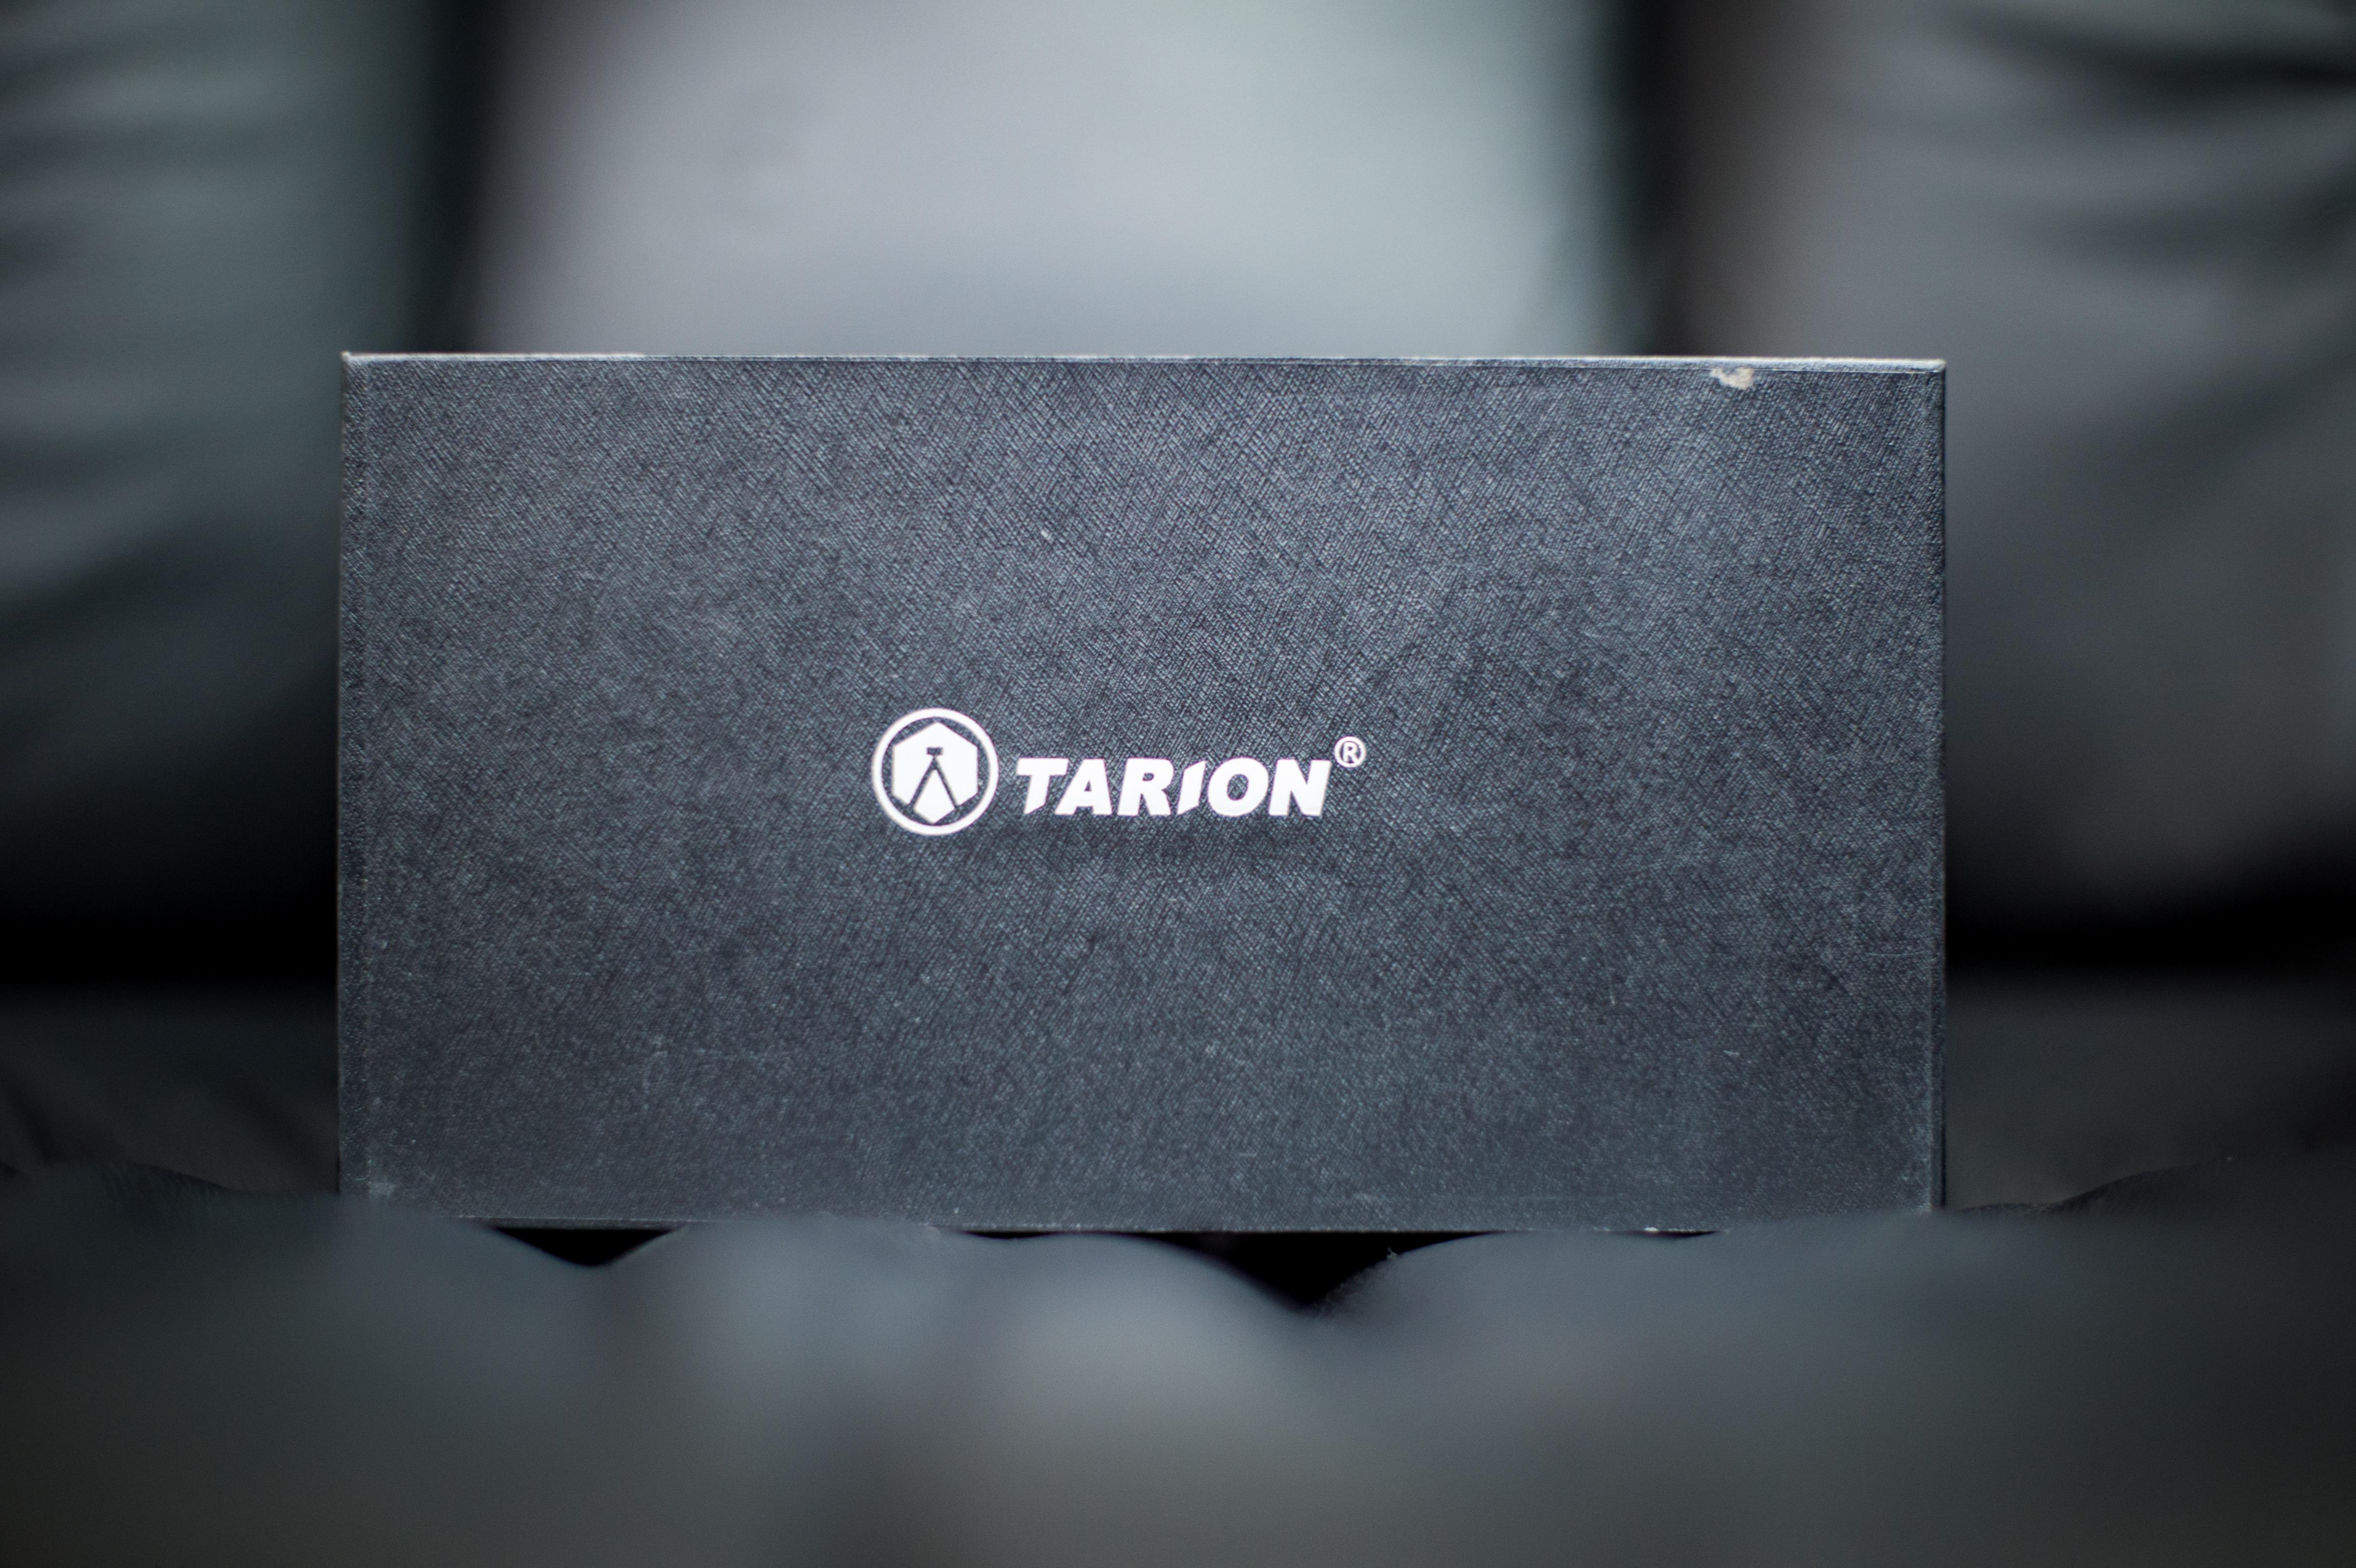 【 TARION  Nikon DF用 カメラグリップ 】純正のDFGR1 は高いよね。でもこれ純正よりいいよ。